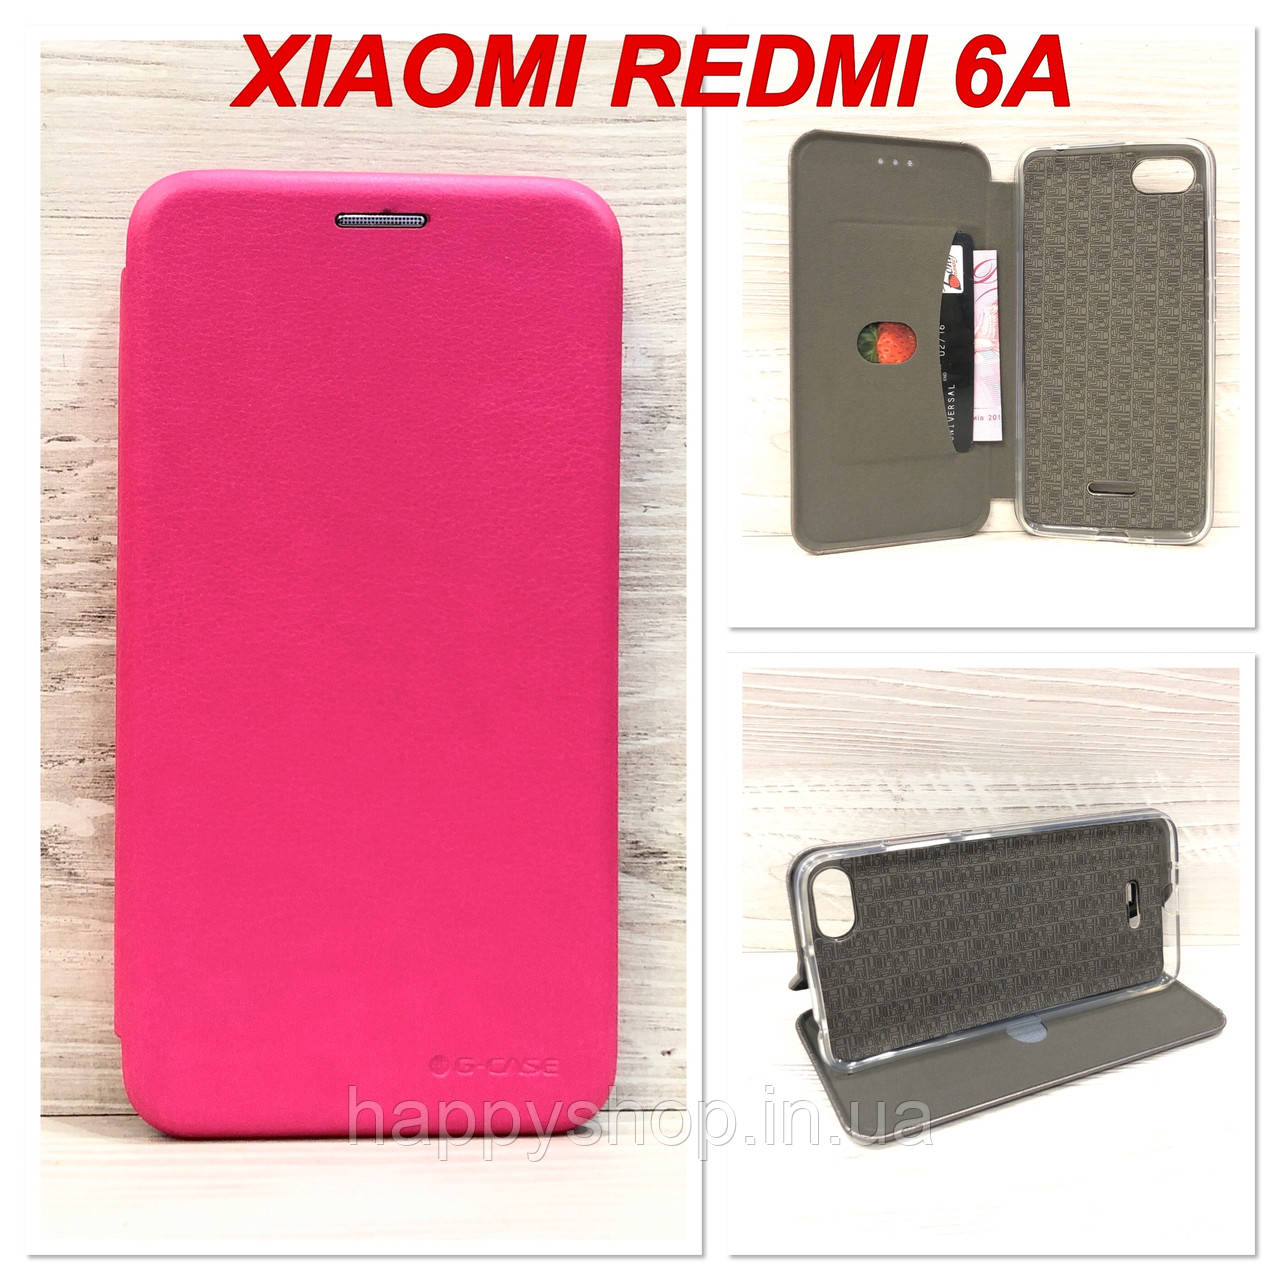 Чехол-книжка G-Case для Xiaomi Redmi 6A (Розовый)